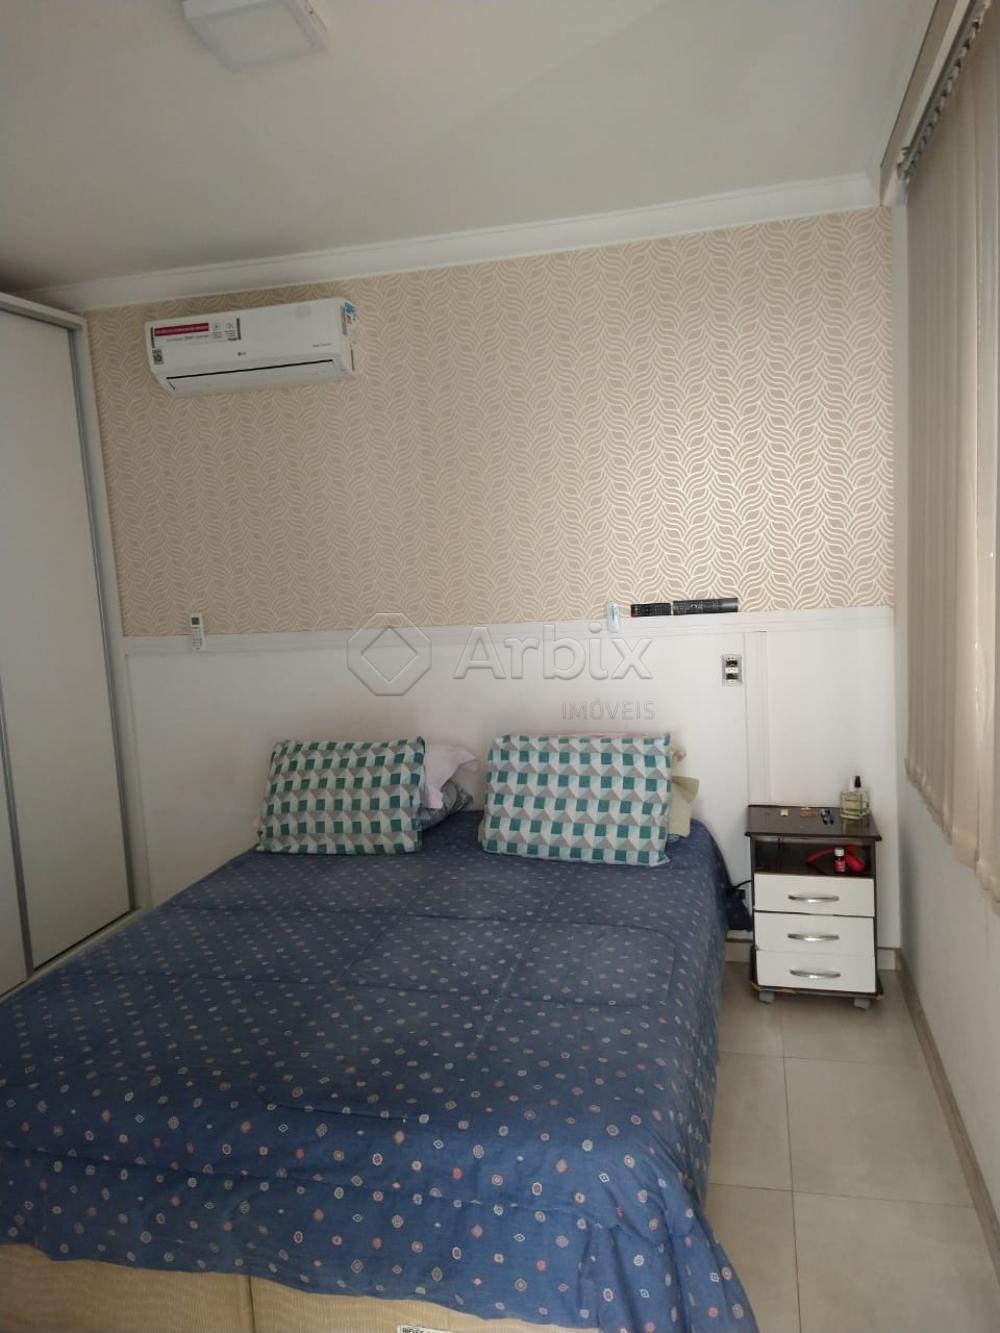 Comprar Apartamento / Padrão em Santa Bárbara D`Oeste R$ 320.000,00 - Foto 3